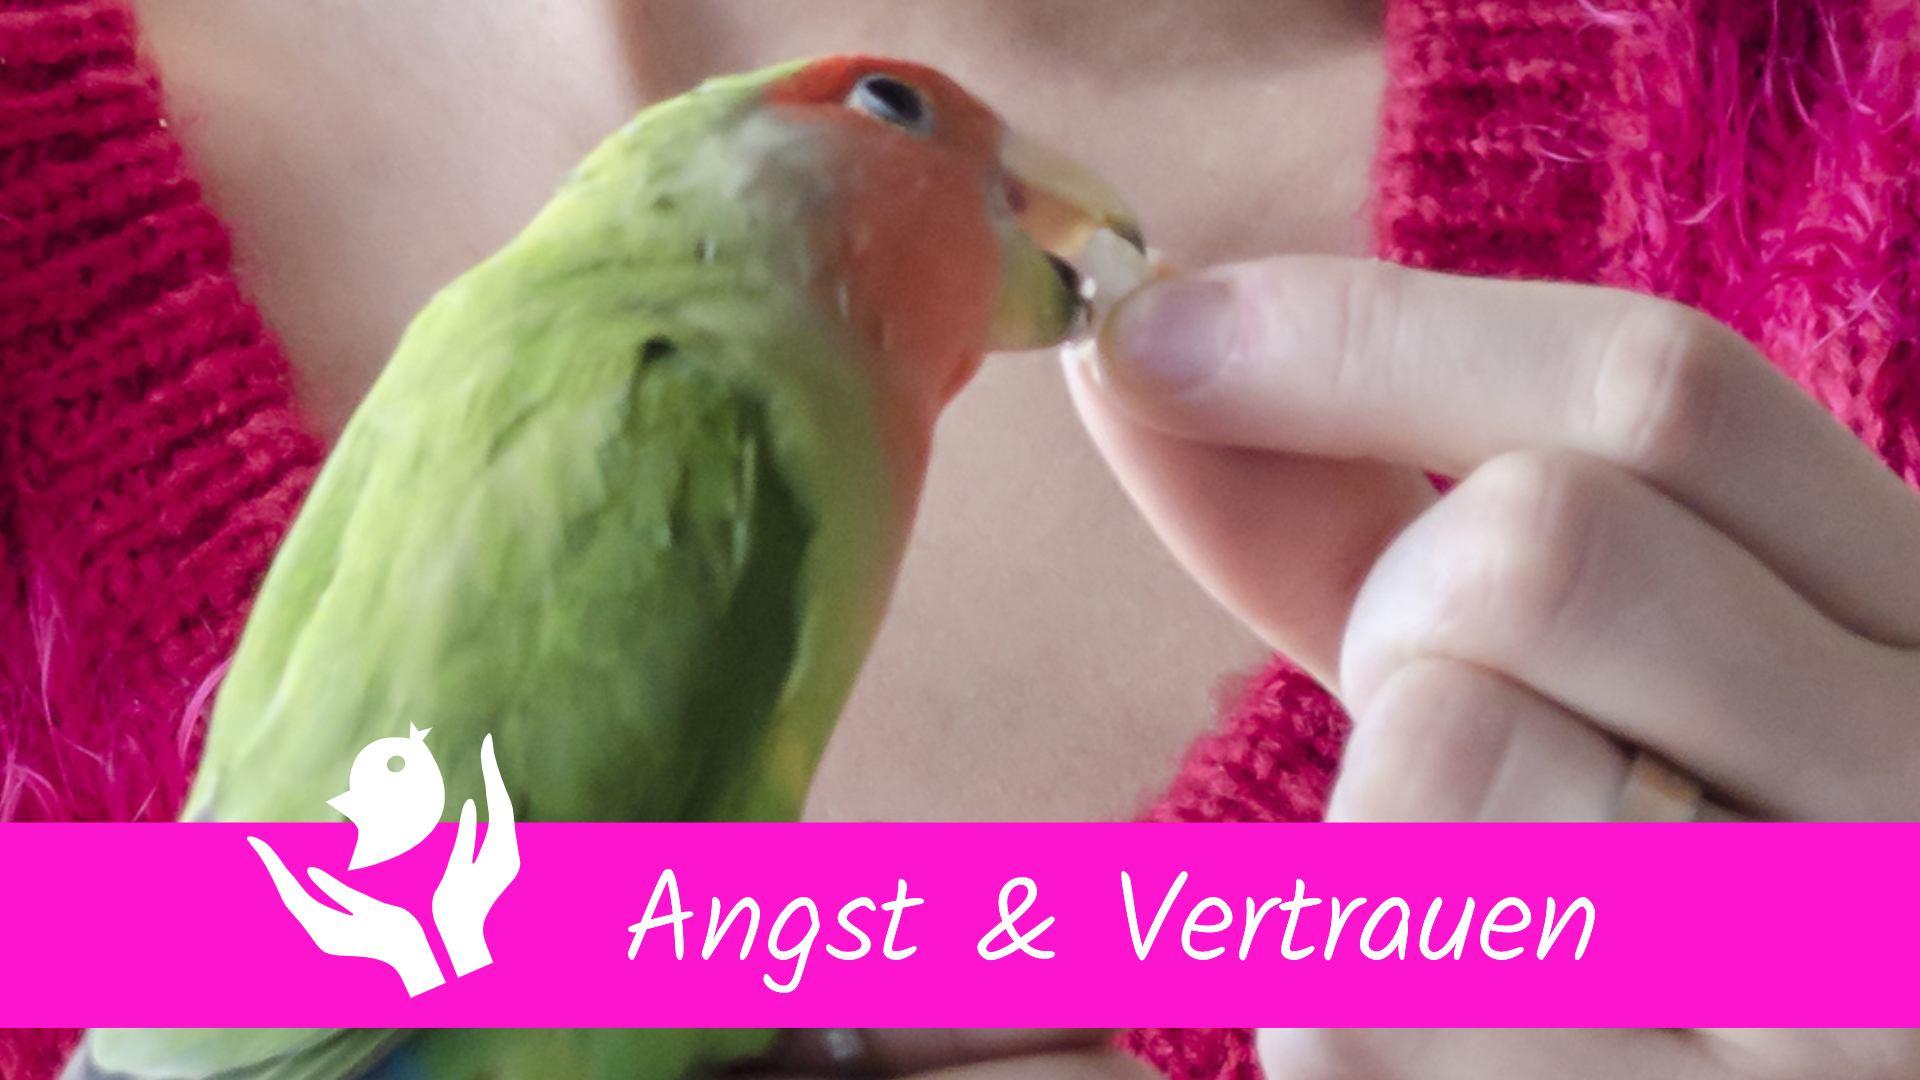 Angst & Vertrauen Kurs Papageien Sittiche